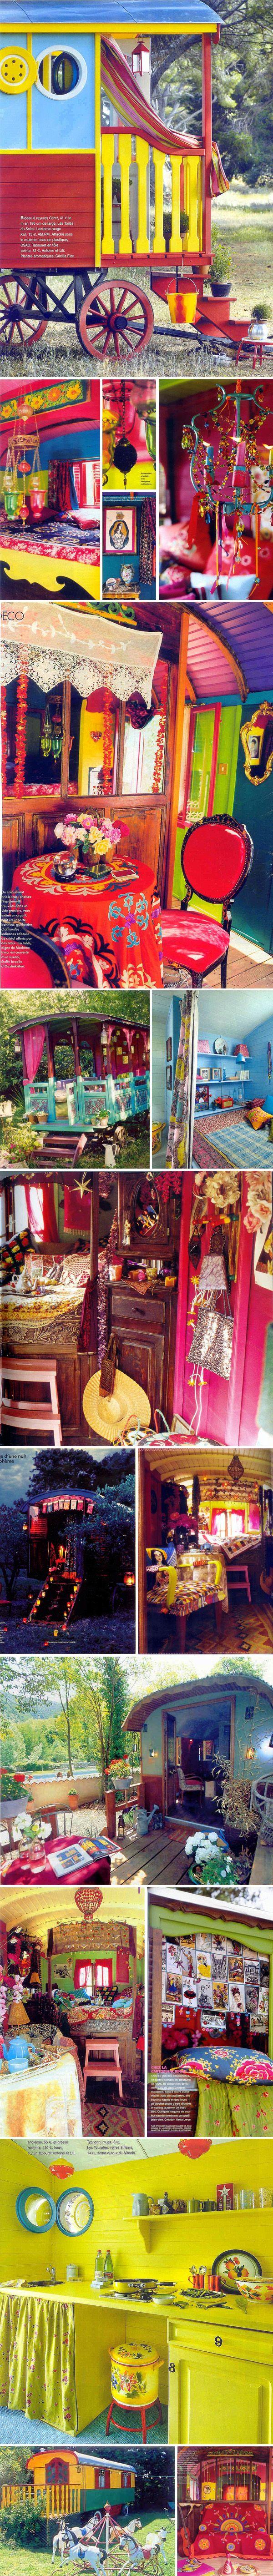 CaravansBoho Chic, Gypsy Style, Dreams, Gypsy Caravan, Colors Home, House, Gypsy Wagon, Small Spaces, Gypsy Life